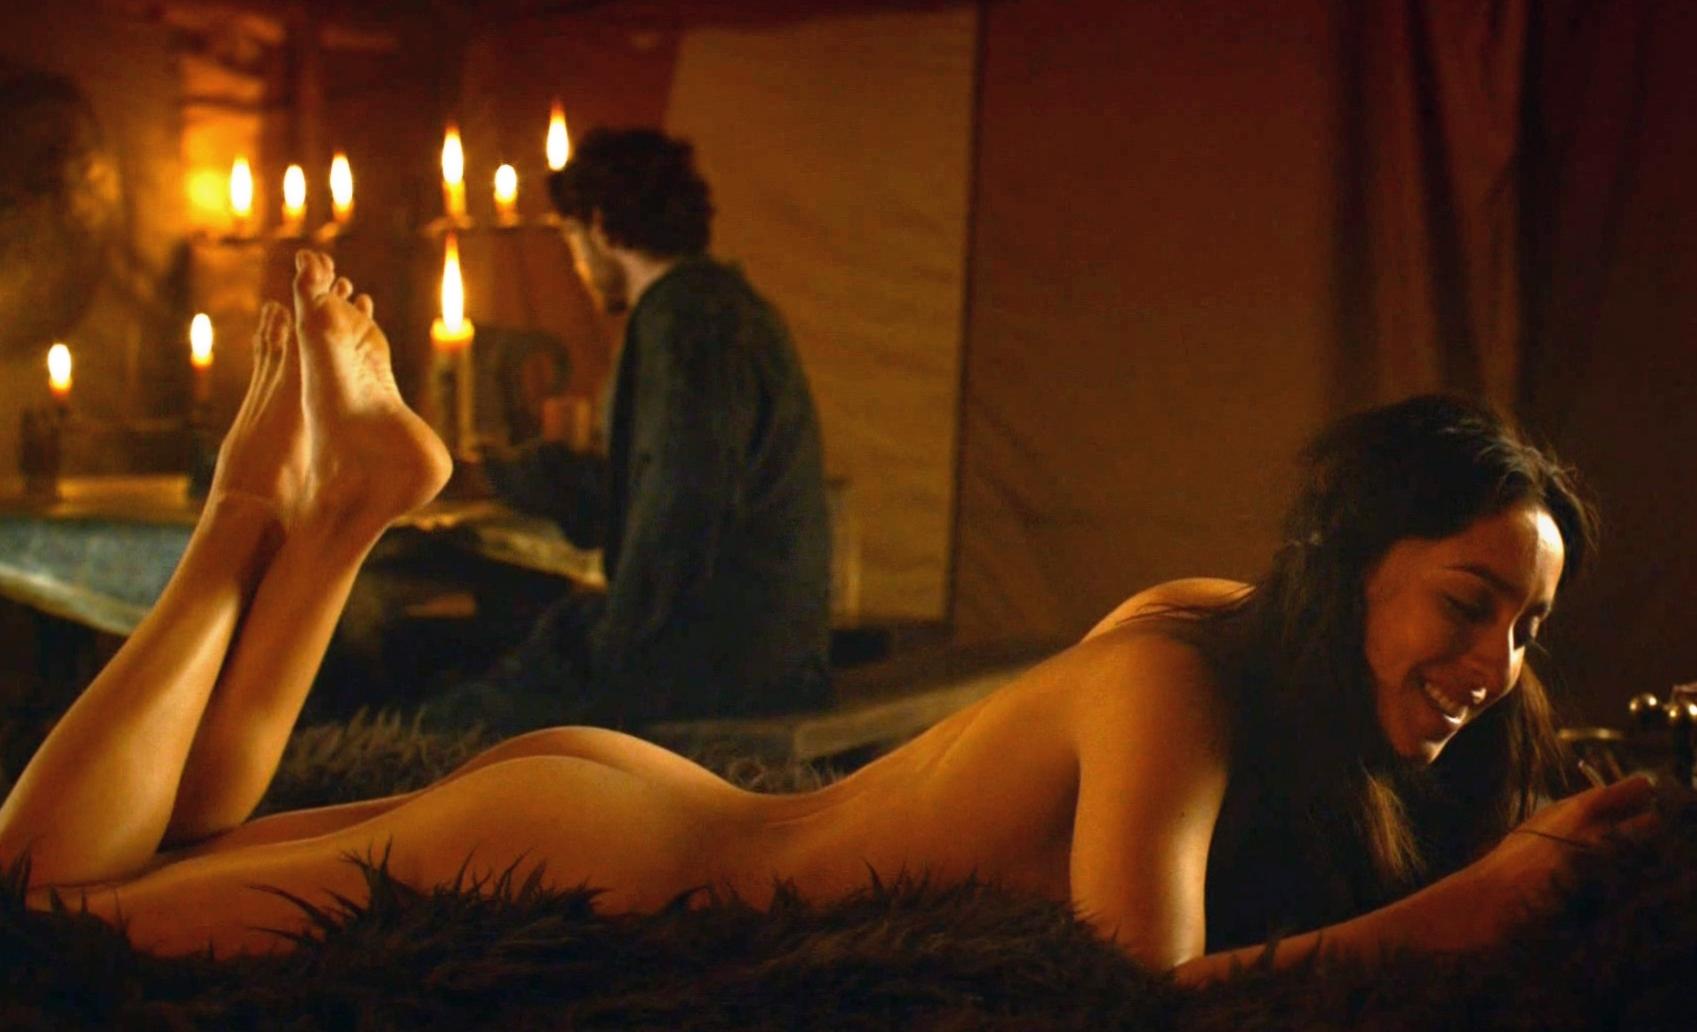 oona-chaplin-nude1.jpg